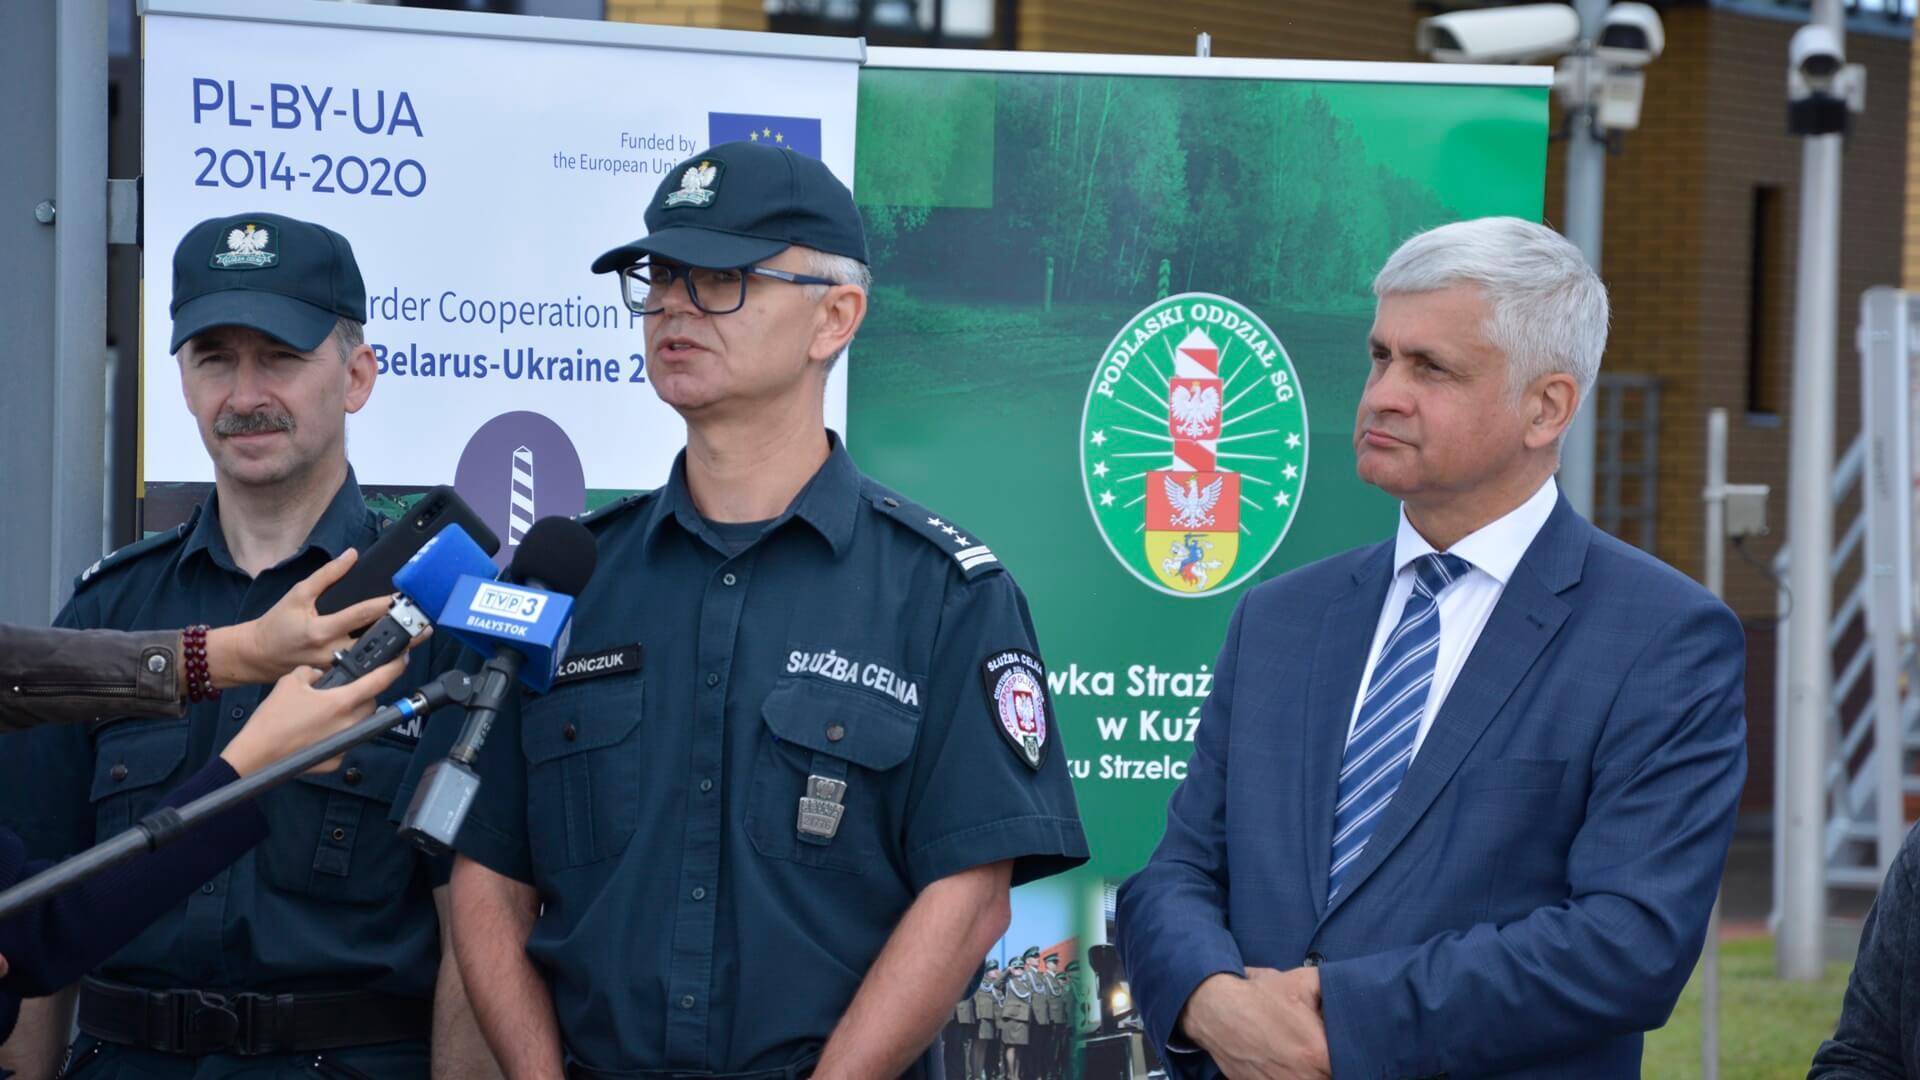 źródło: Podlaski Urząd Wojewódzki w Białymstoku